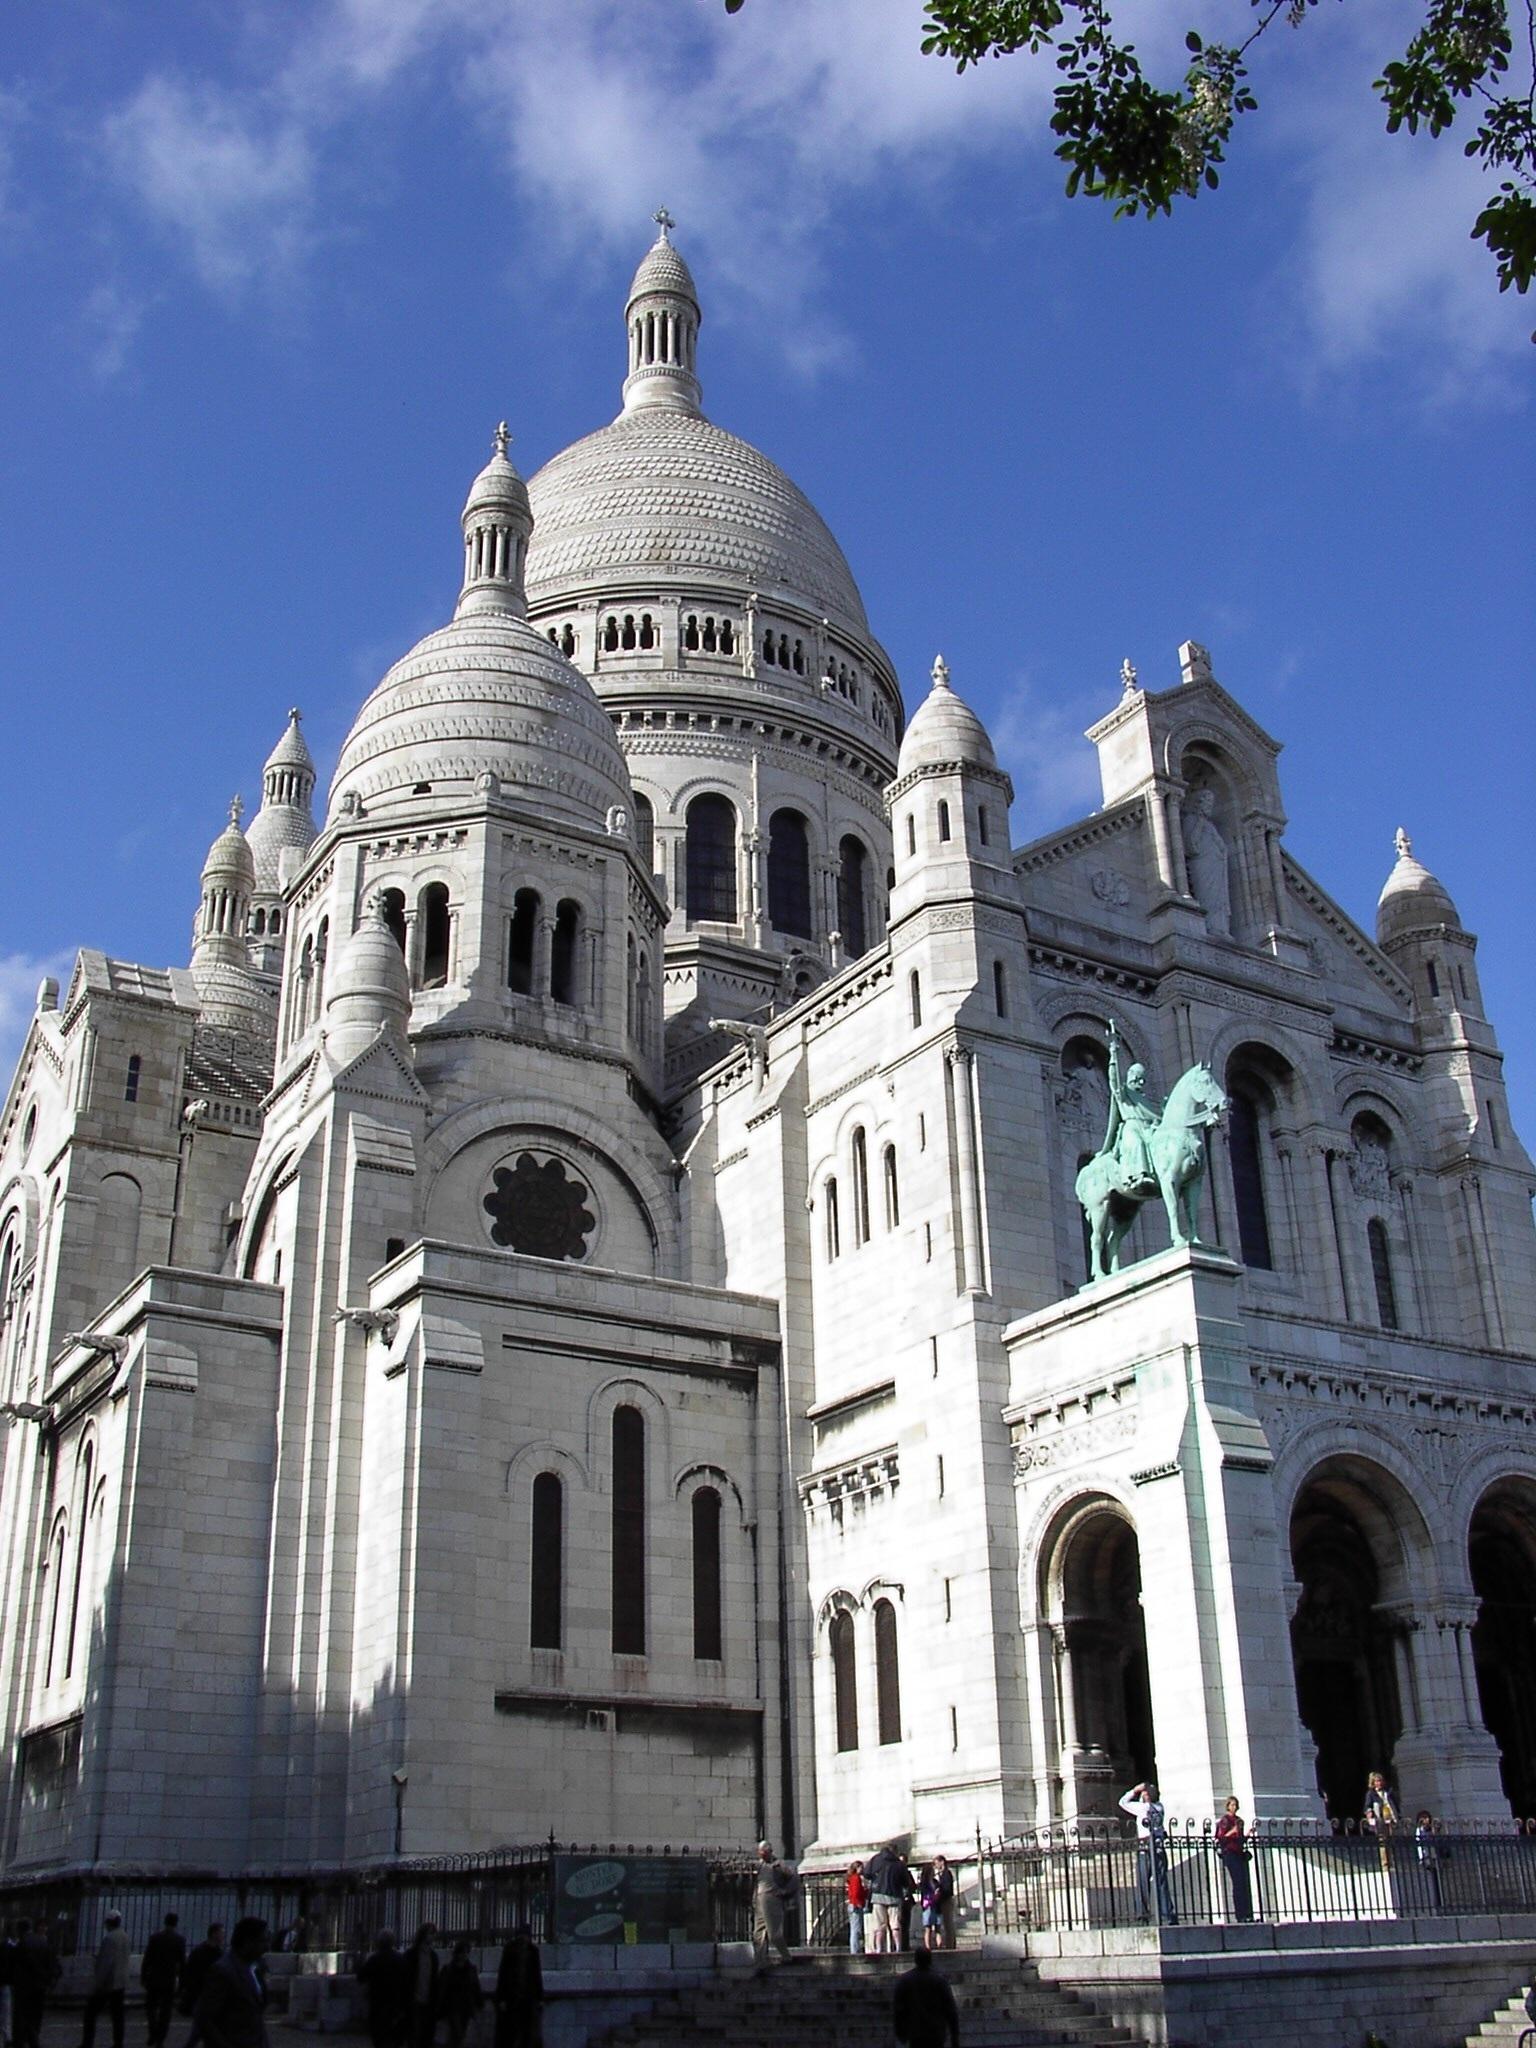 free images sky building chateau palace city paris france